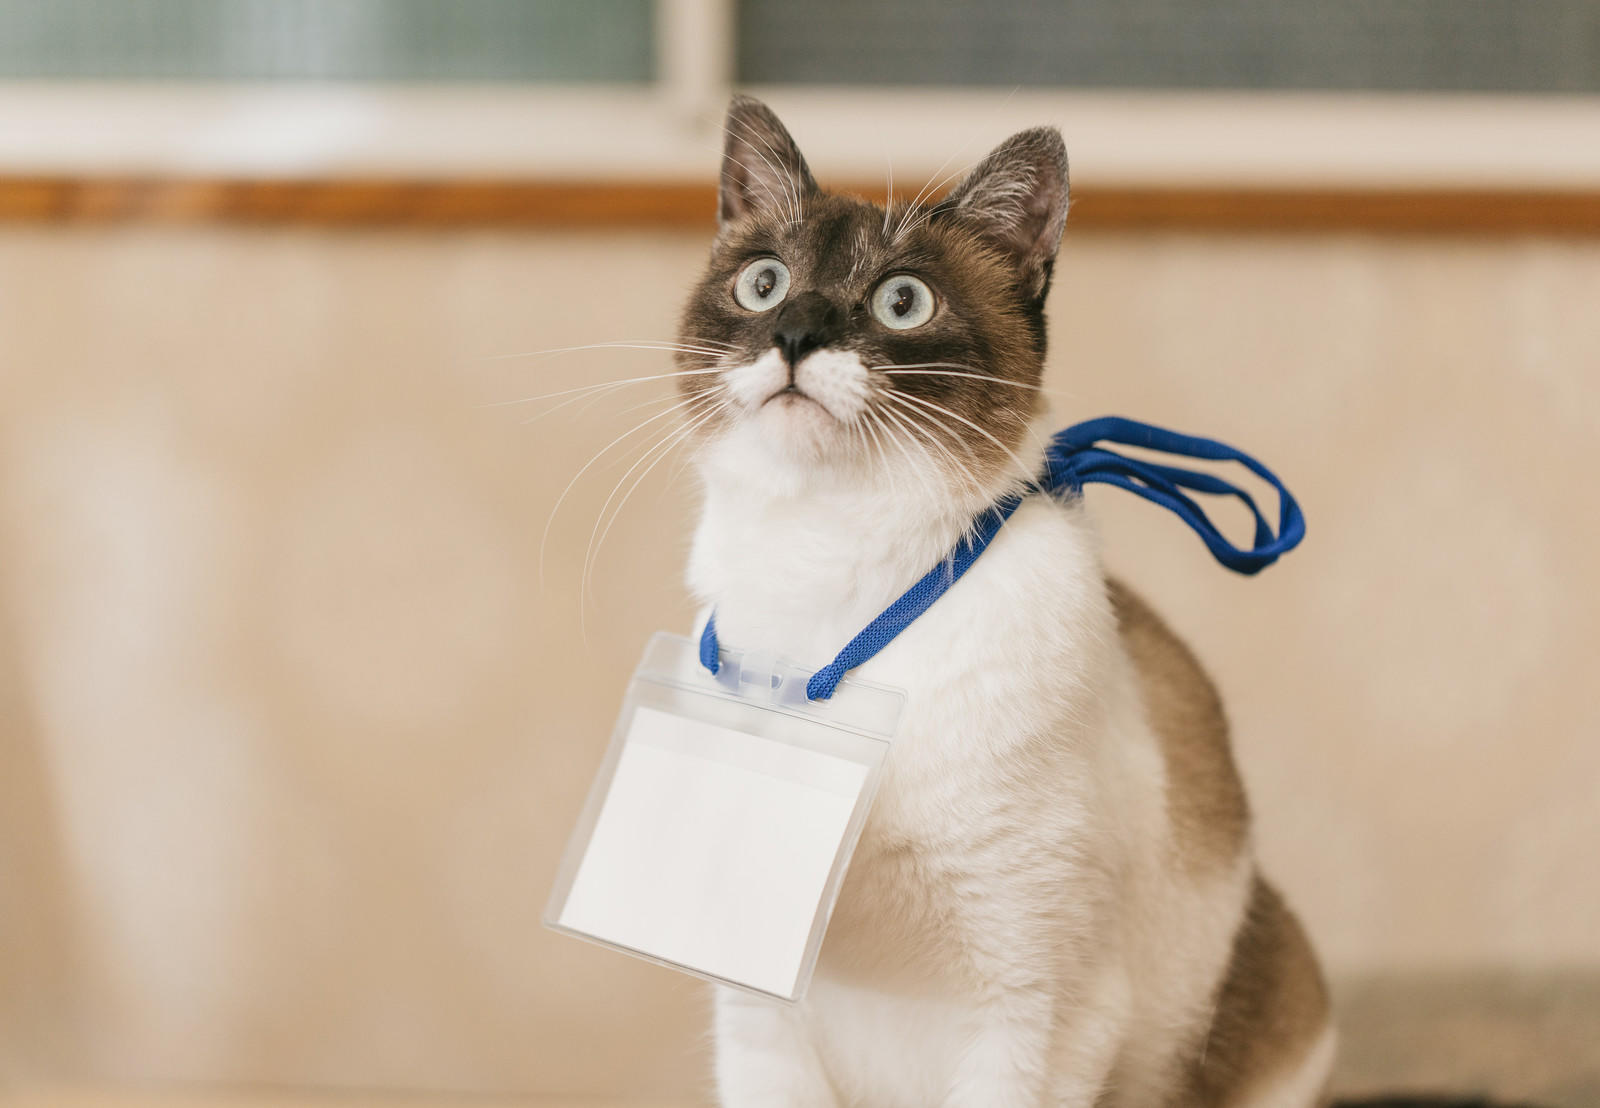 名札をつけた猫ちゃんの写真の写真